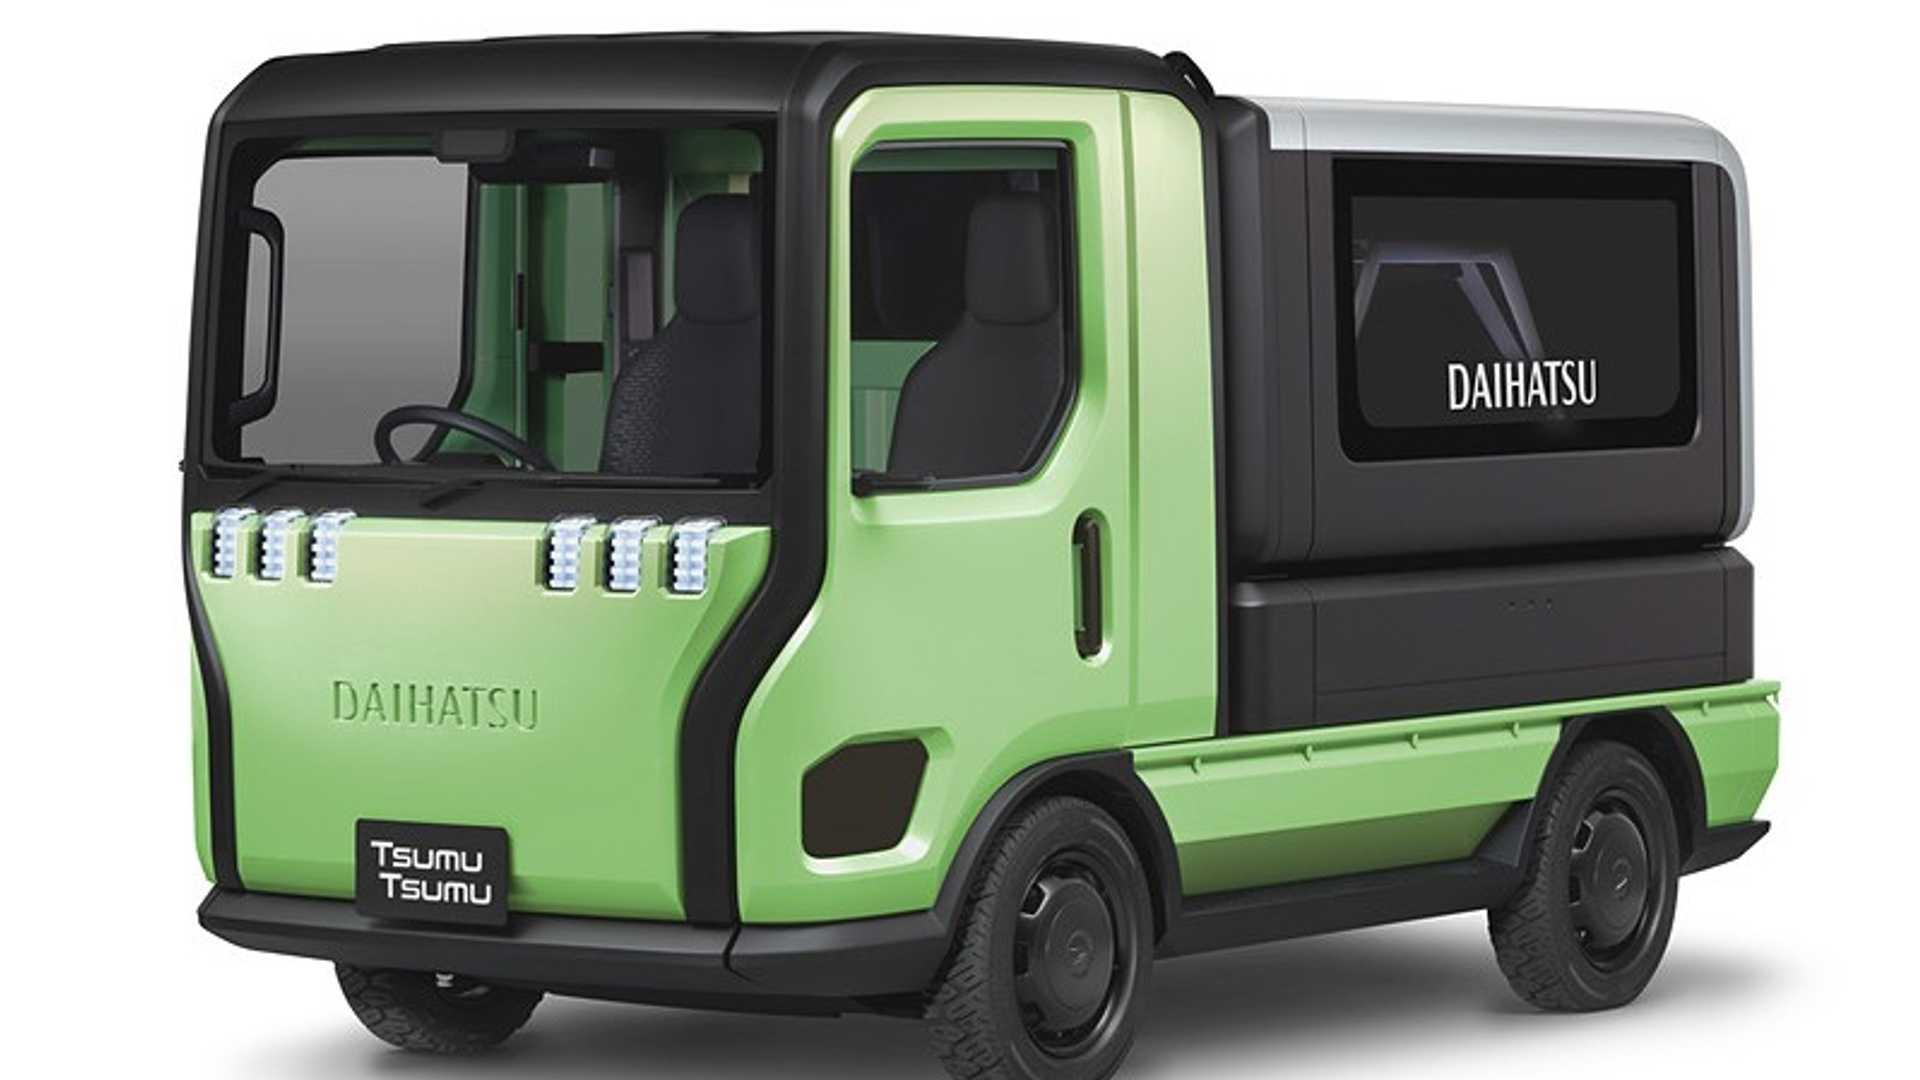 На Токийском мотор-шоу компания Daihatsu продемонстрирует четыре забавных концепт-кара.